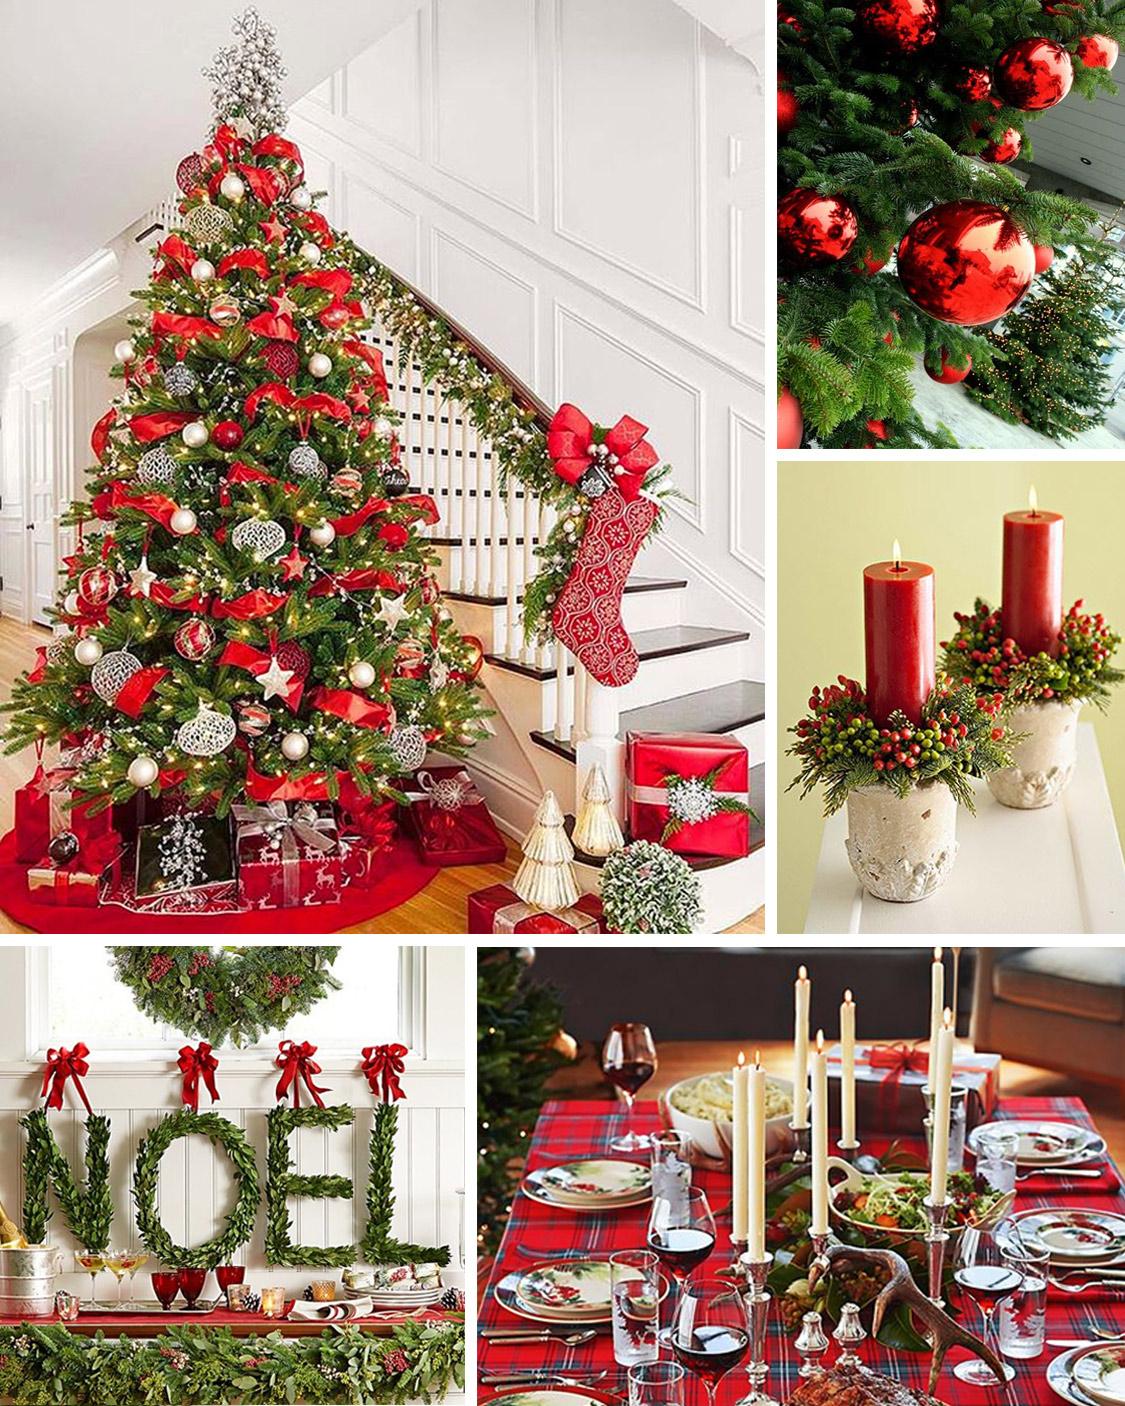 Déco de Noël : Ambiance traditionnelle